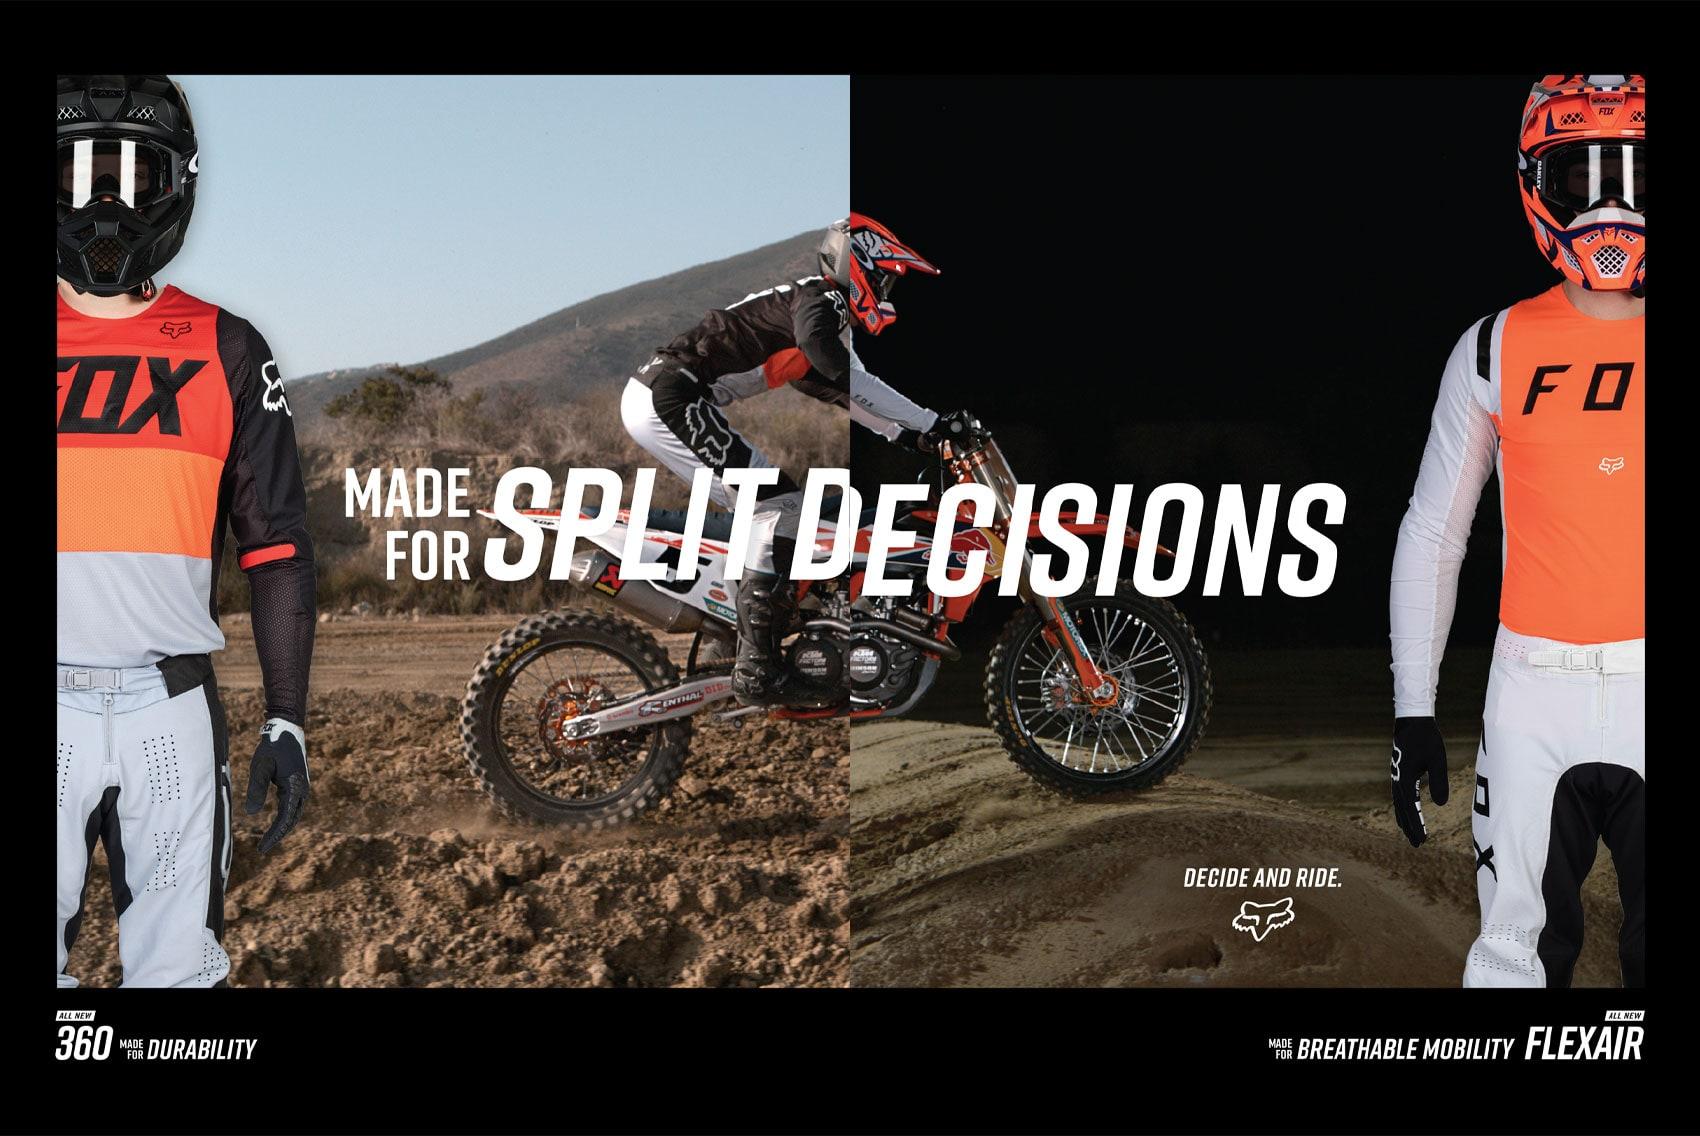 Racer X October - Fox Racing Advertisement